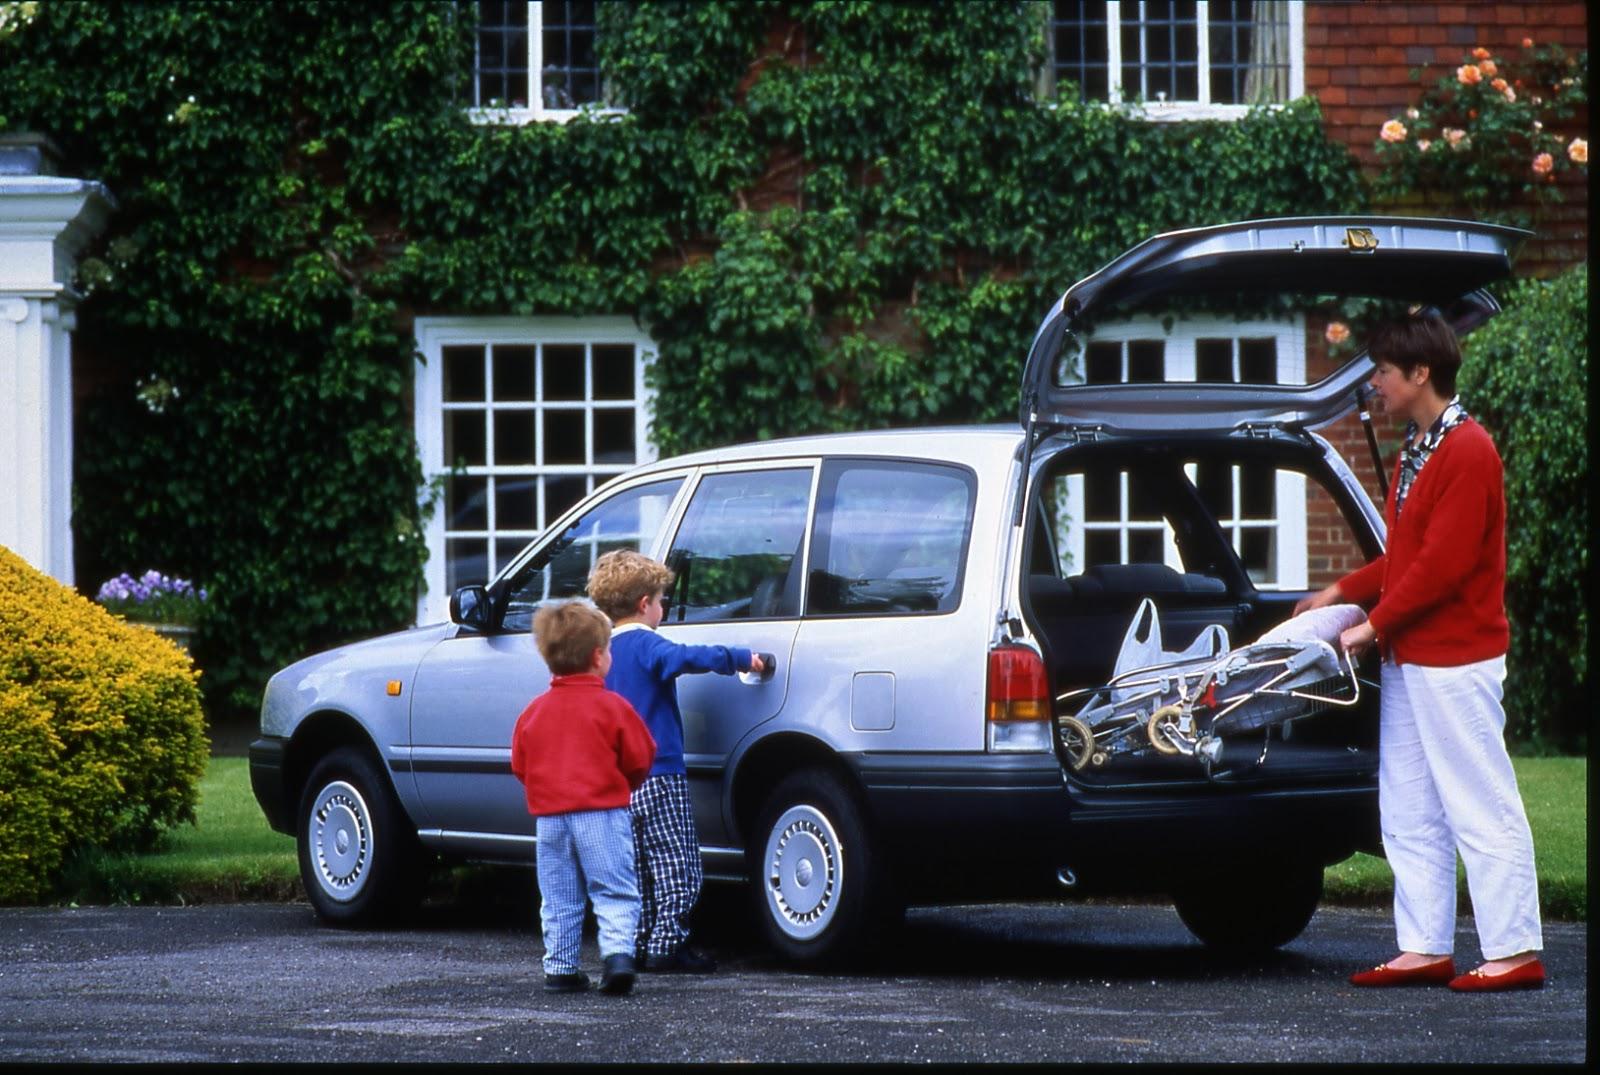 Nissan Sunny, Nissan, Sunny, Nissan Y10, Nissan estate, cars,, motoring, automotive, cars, car, ebay motors, autotrader, classic car, retro car, old car